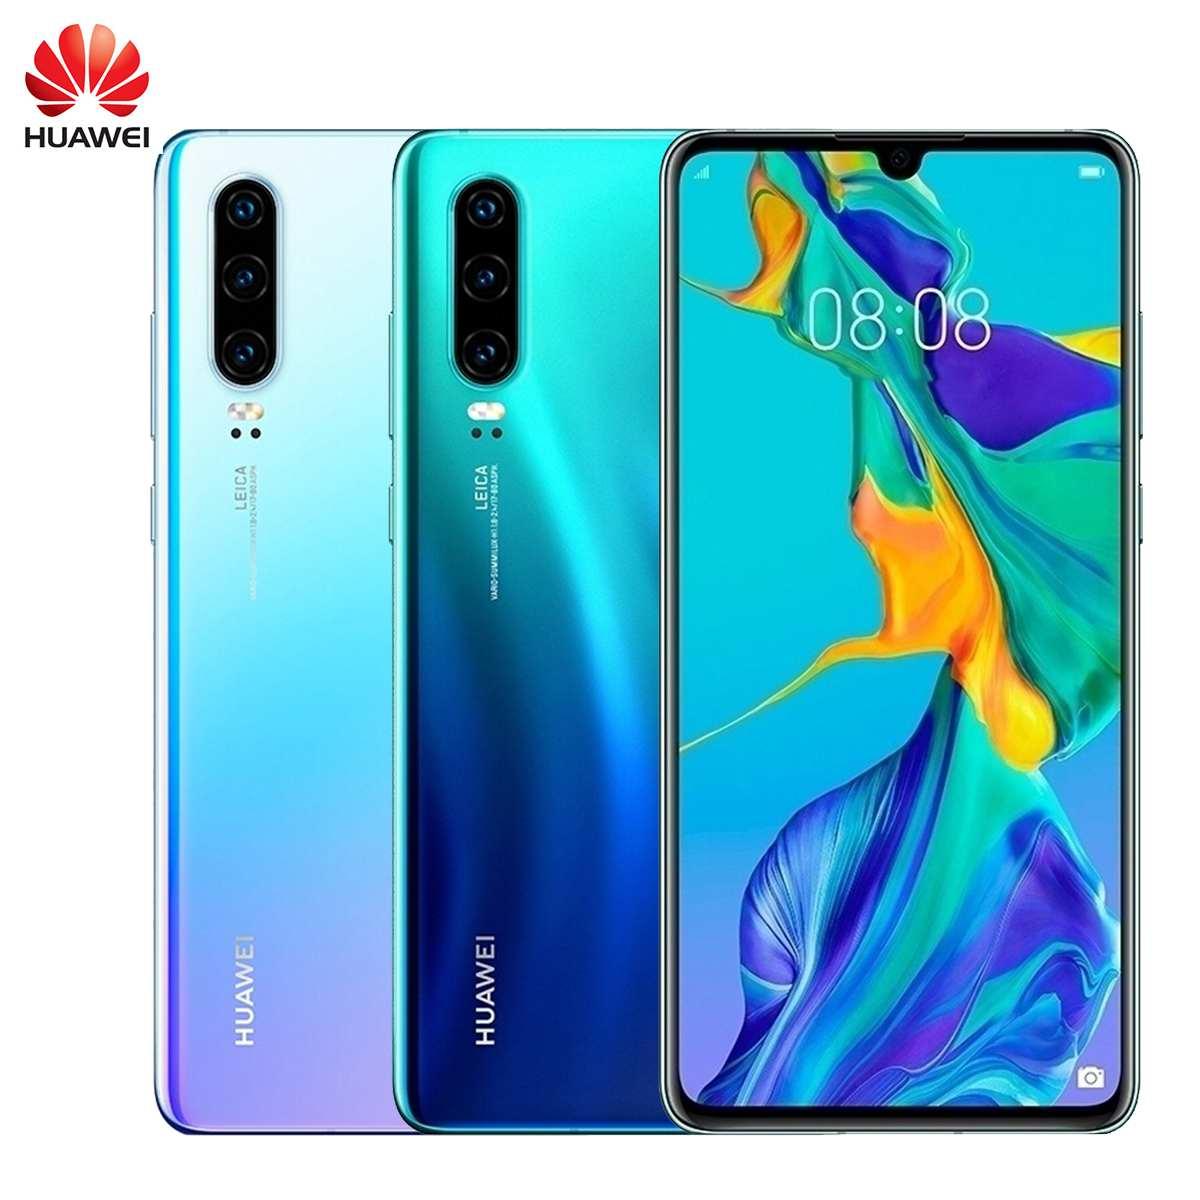 Original HUAWEI P30 128GB+8GB Smartphone 6.1 inch Kirin 980 Octa Core Mobile Phone Android 9.0 Dual SIM Card 3650mAh 4 Cameras